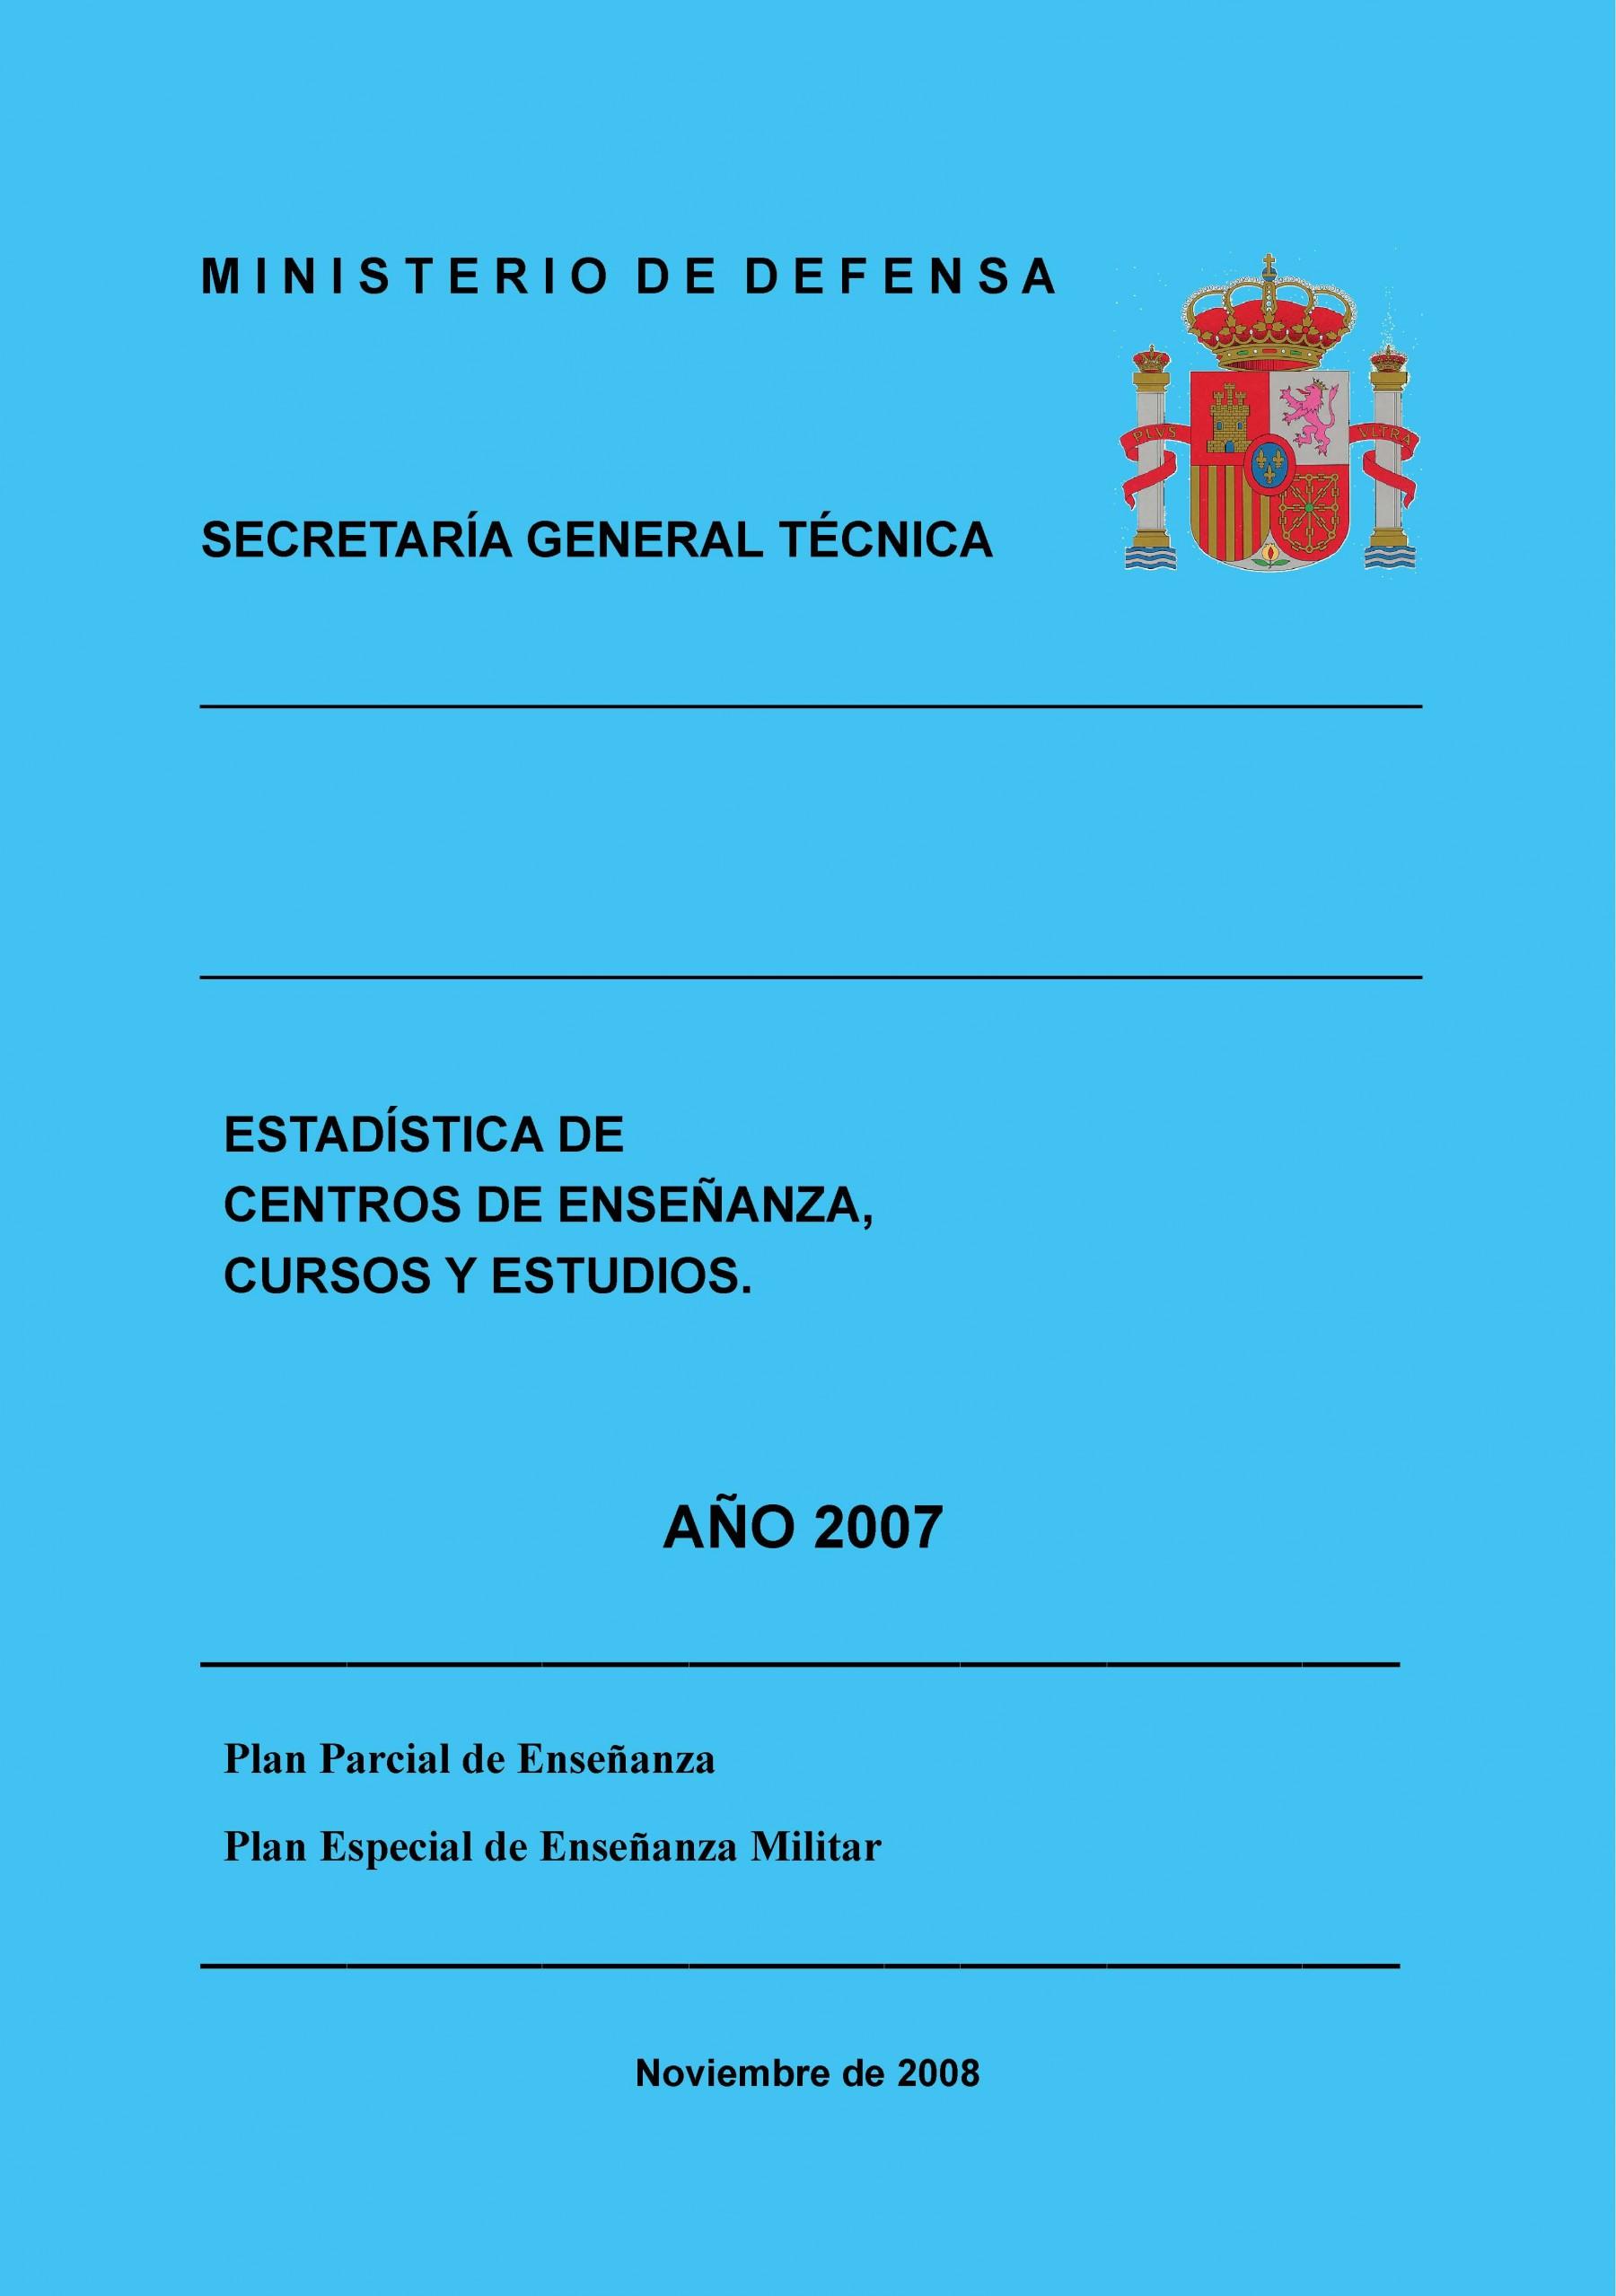 ESTADÍSTICA DE CENTROS DE ENSEÑANZA, CURSOS Y ESTUDIOS 2007